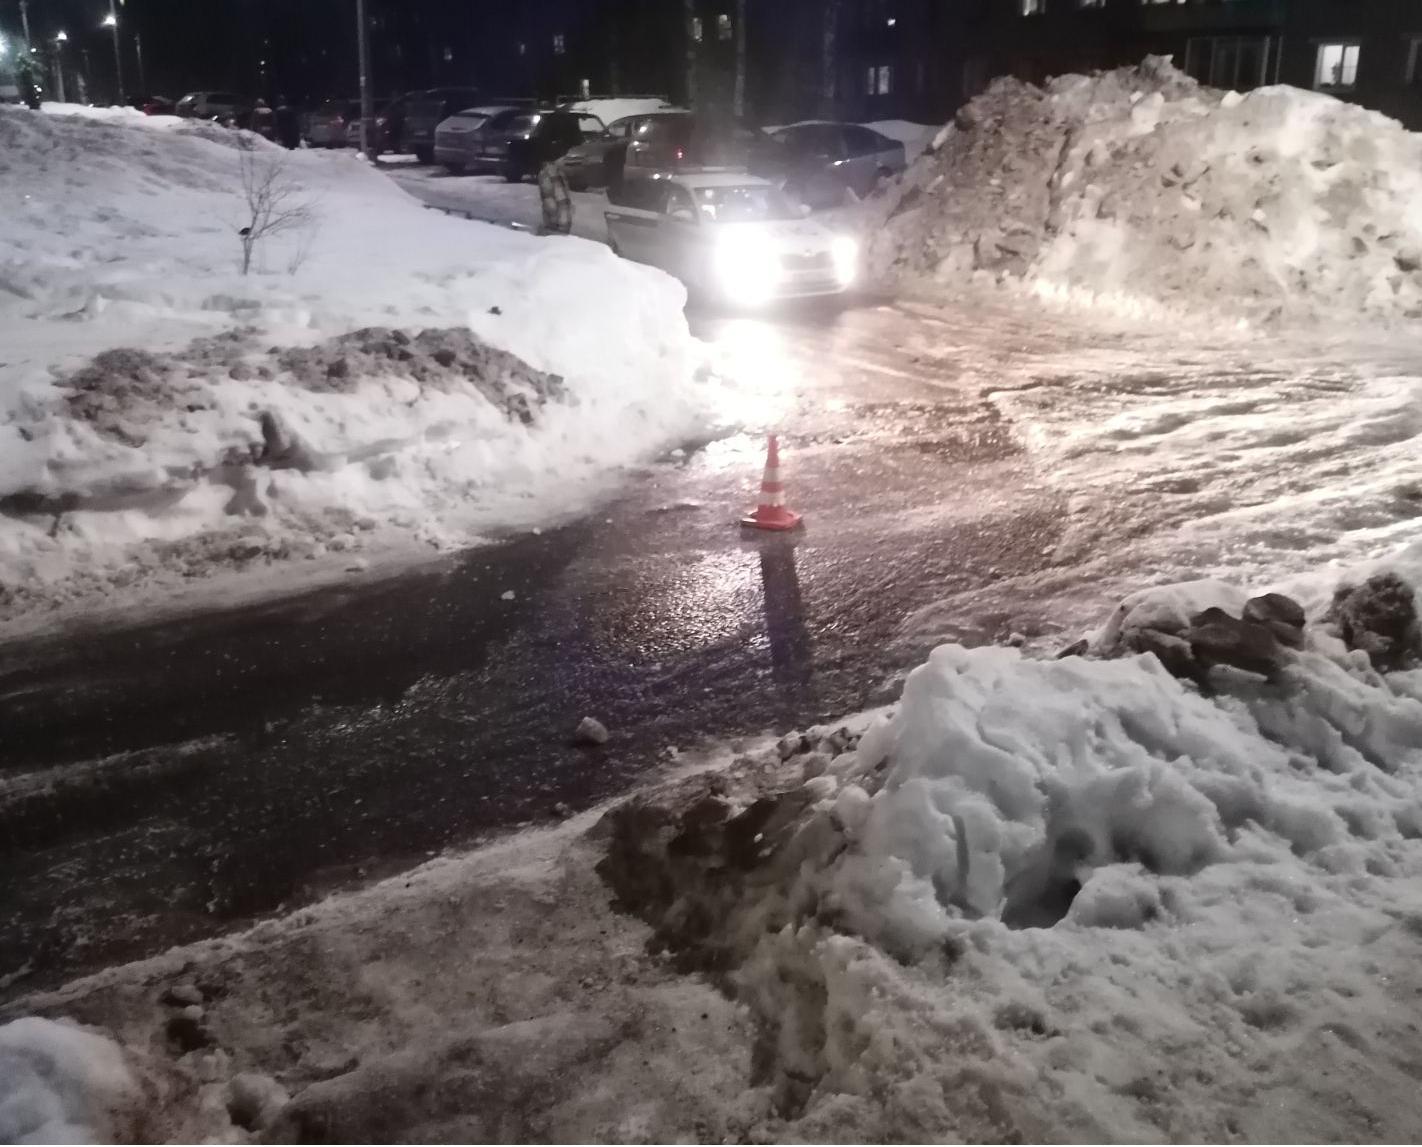 В Чепецке водитель ВАЗа сбил женщину и скрылся: пенсионерка в больнице